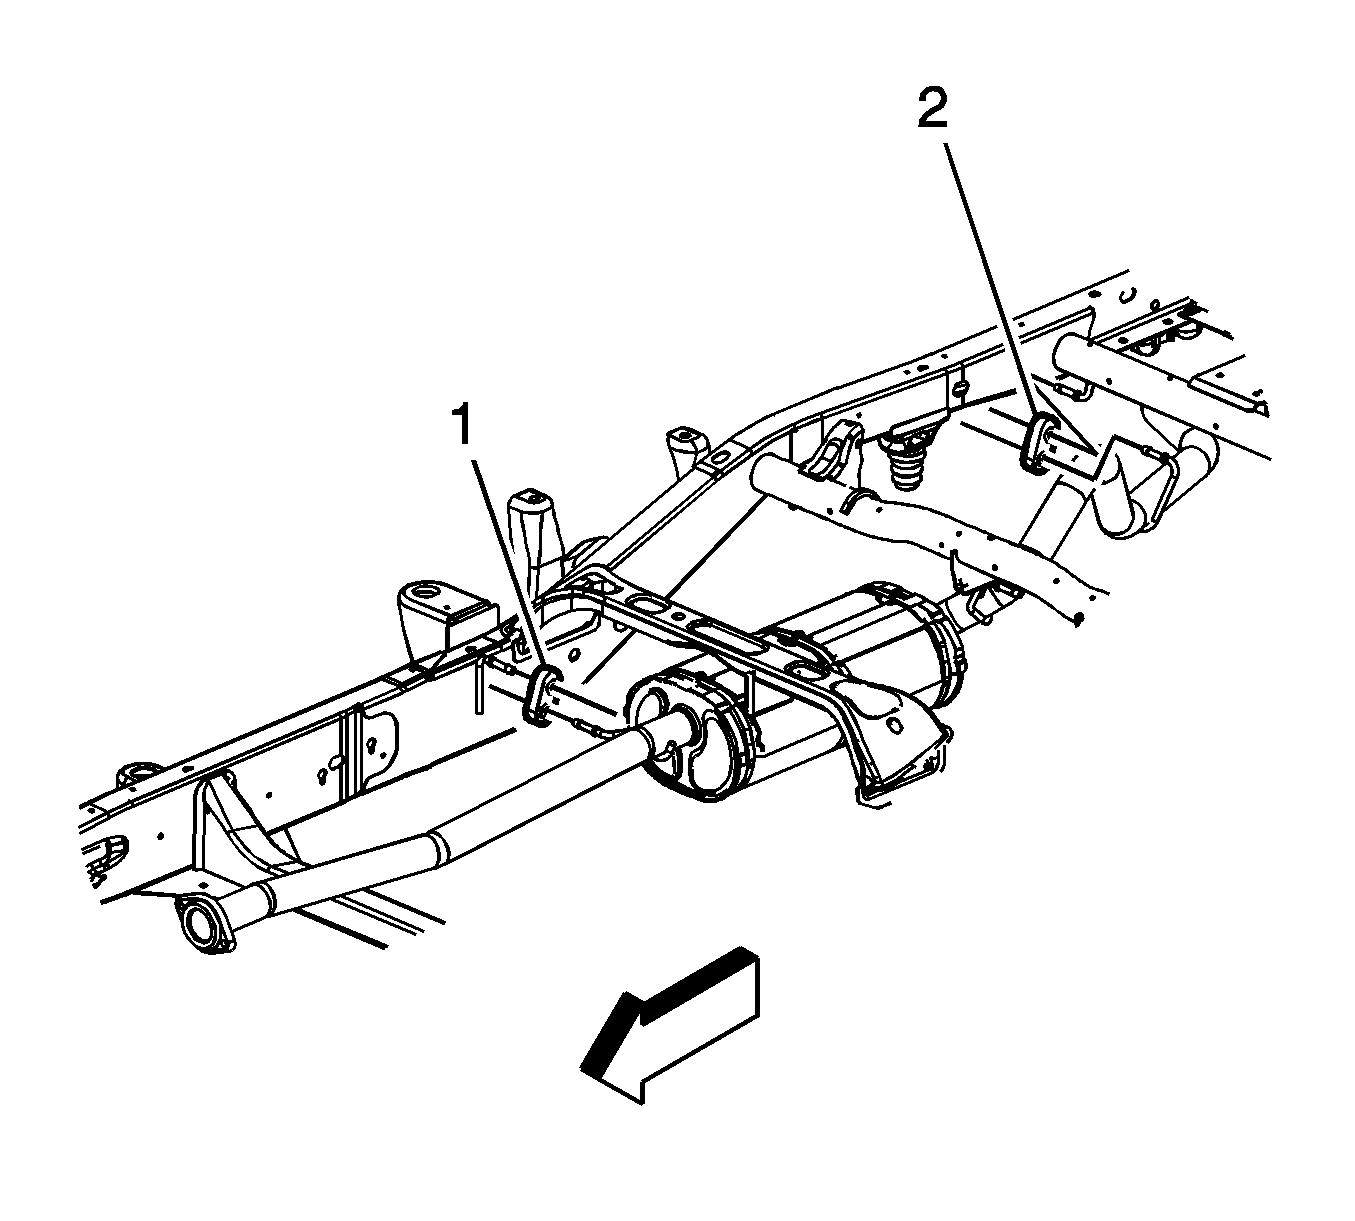 V8 Engine Drawing